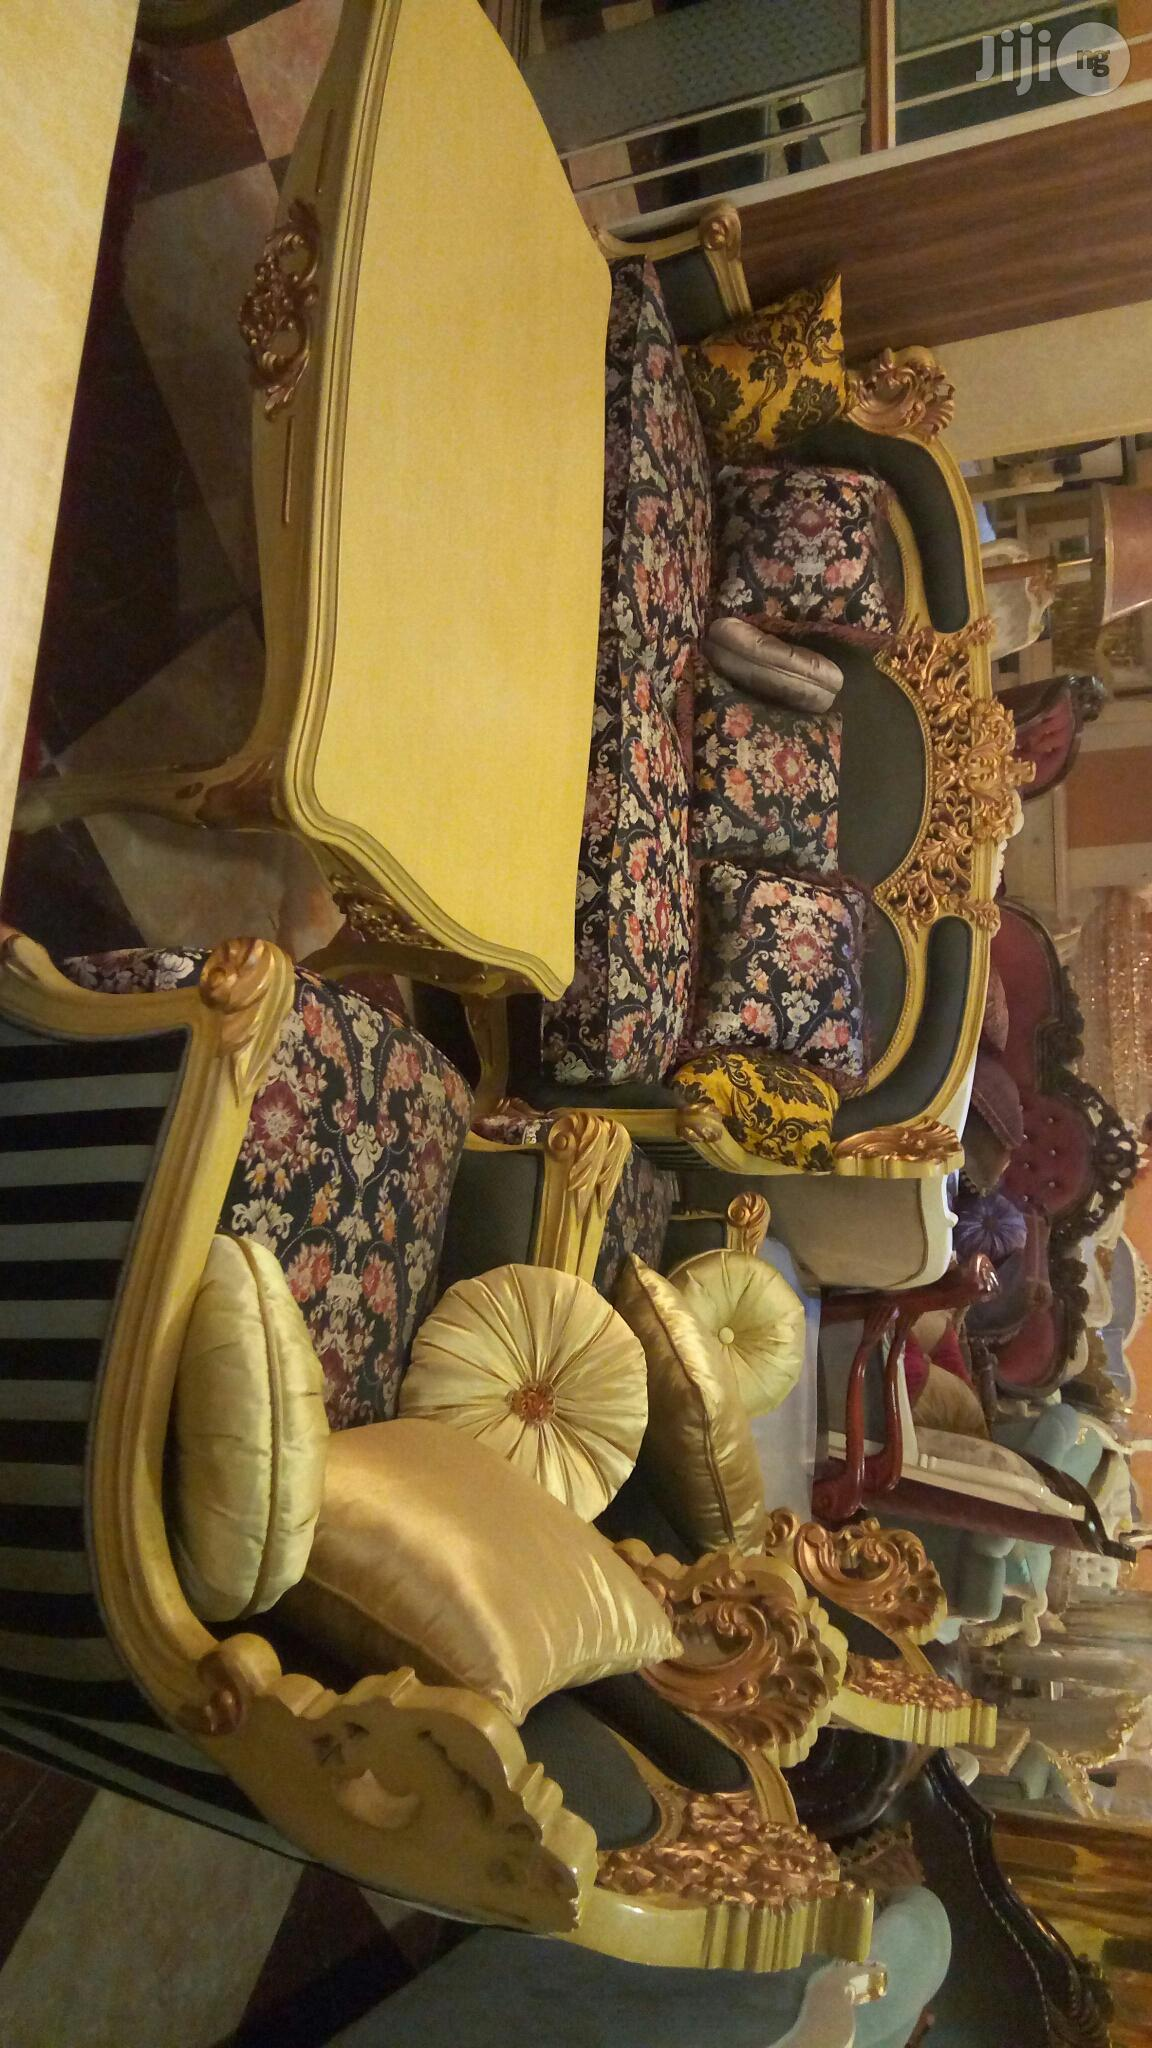 Turkish Royal Sofa Chair.